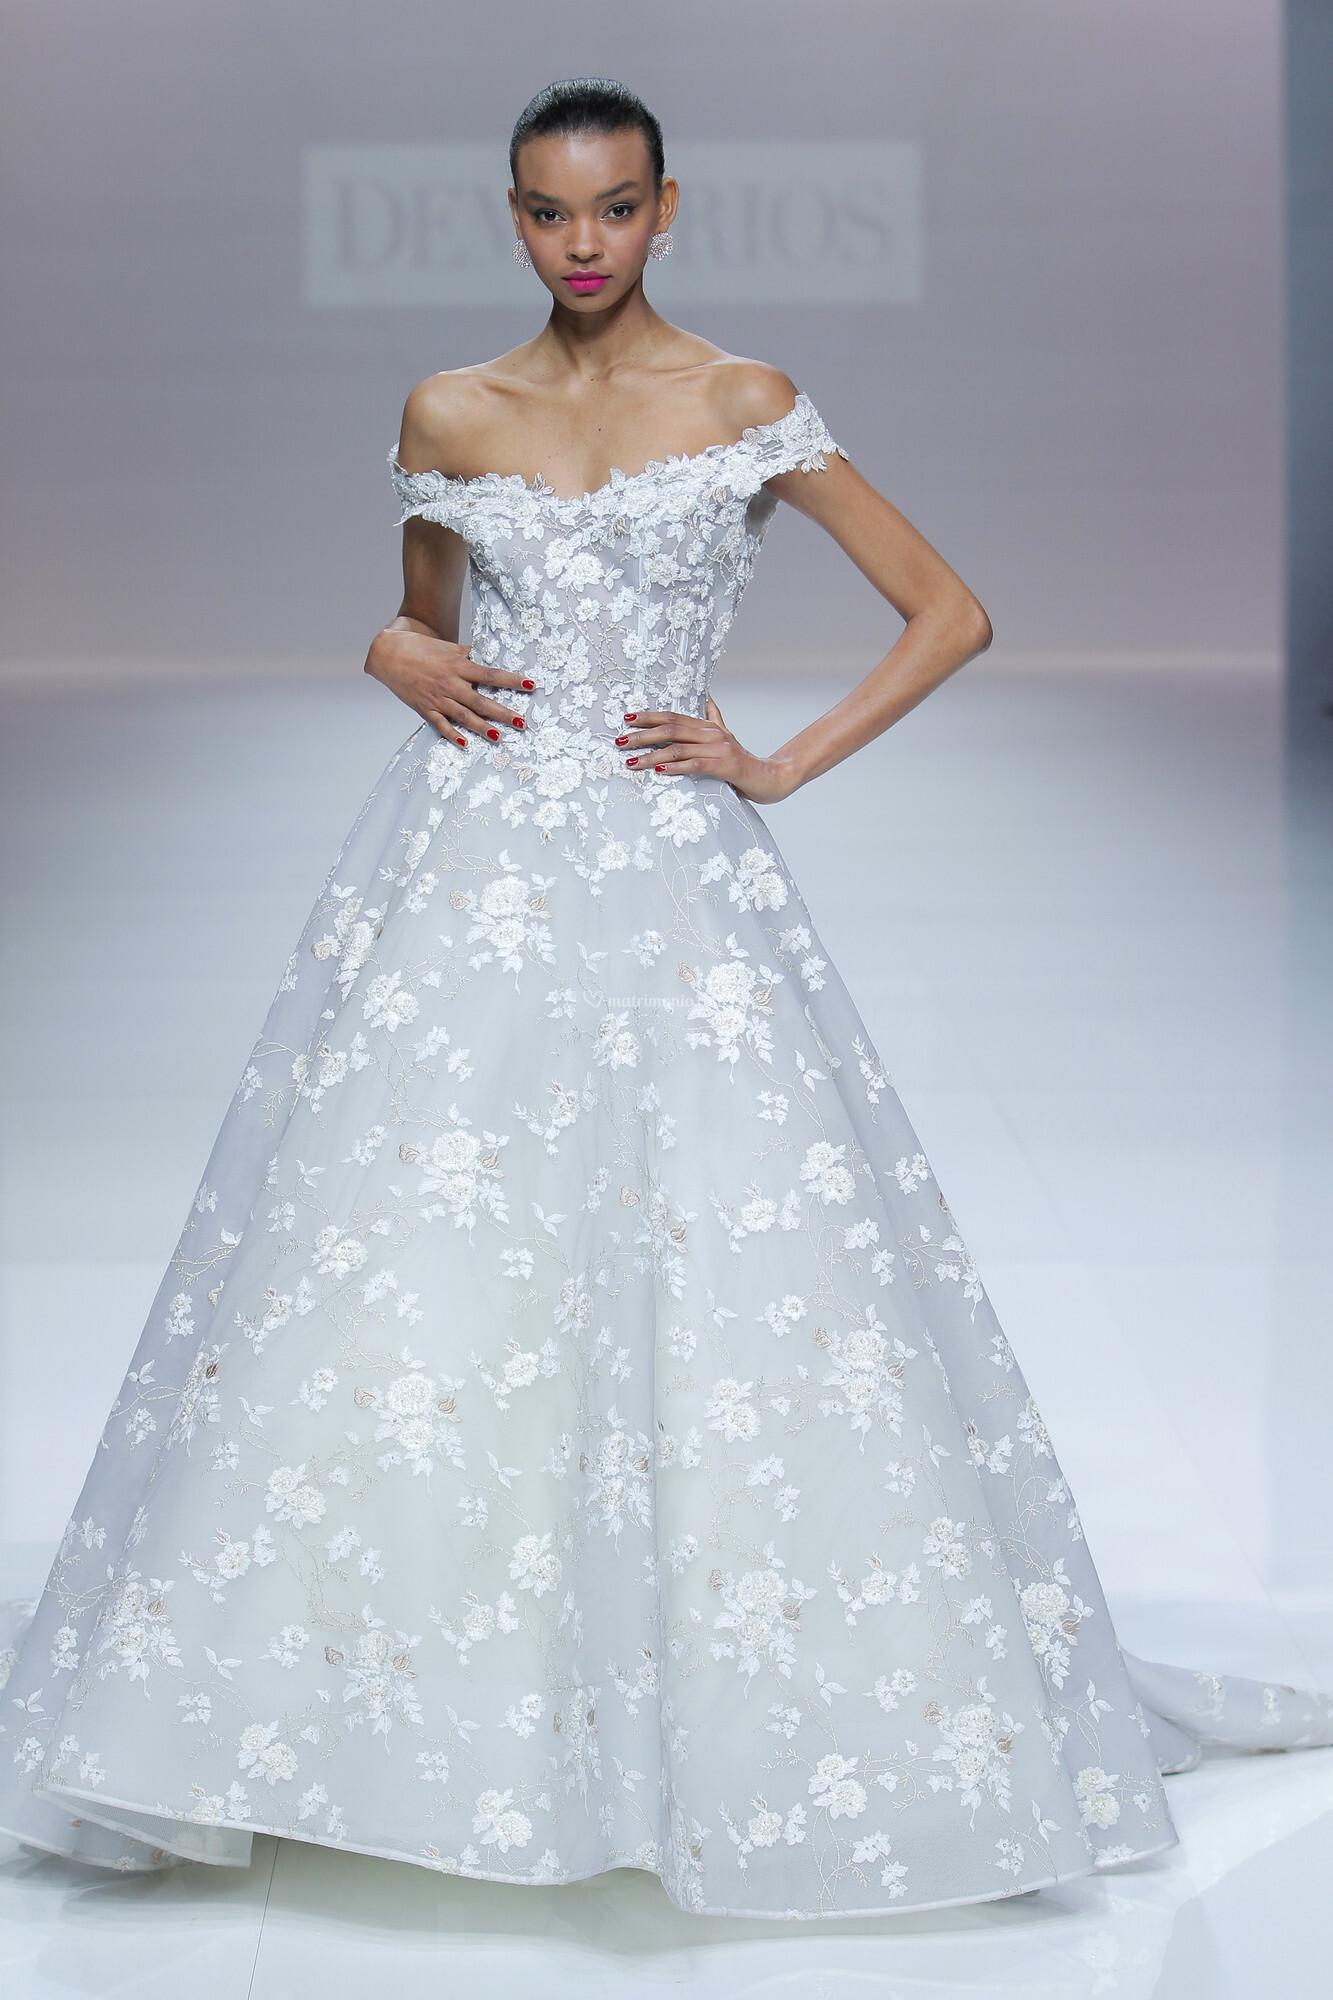 Dorable Vestido De Novia Victorio Y Lucchino Vignette - All Wedding ...